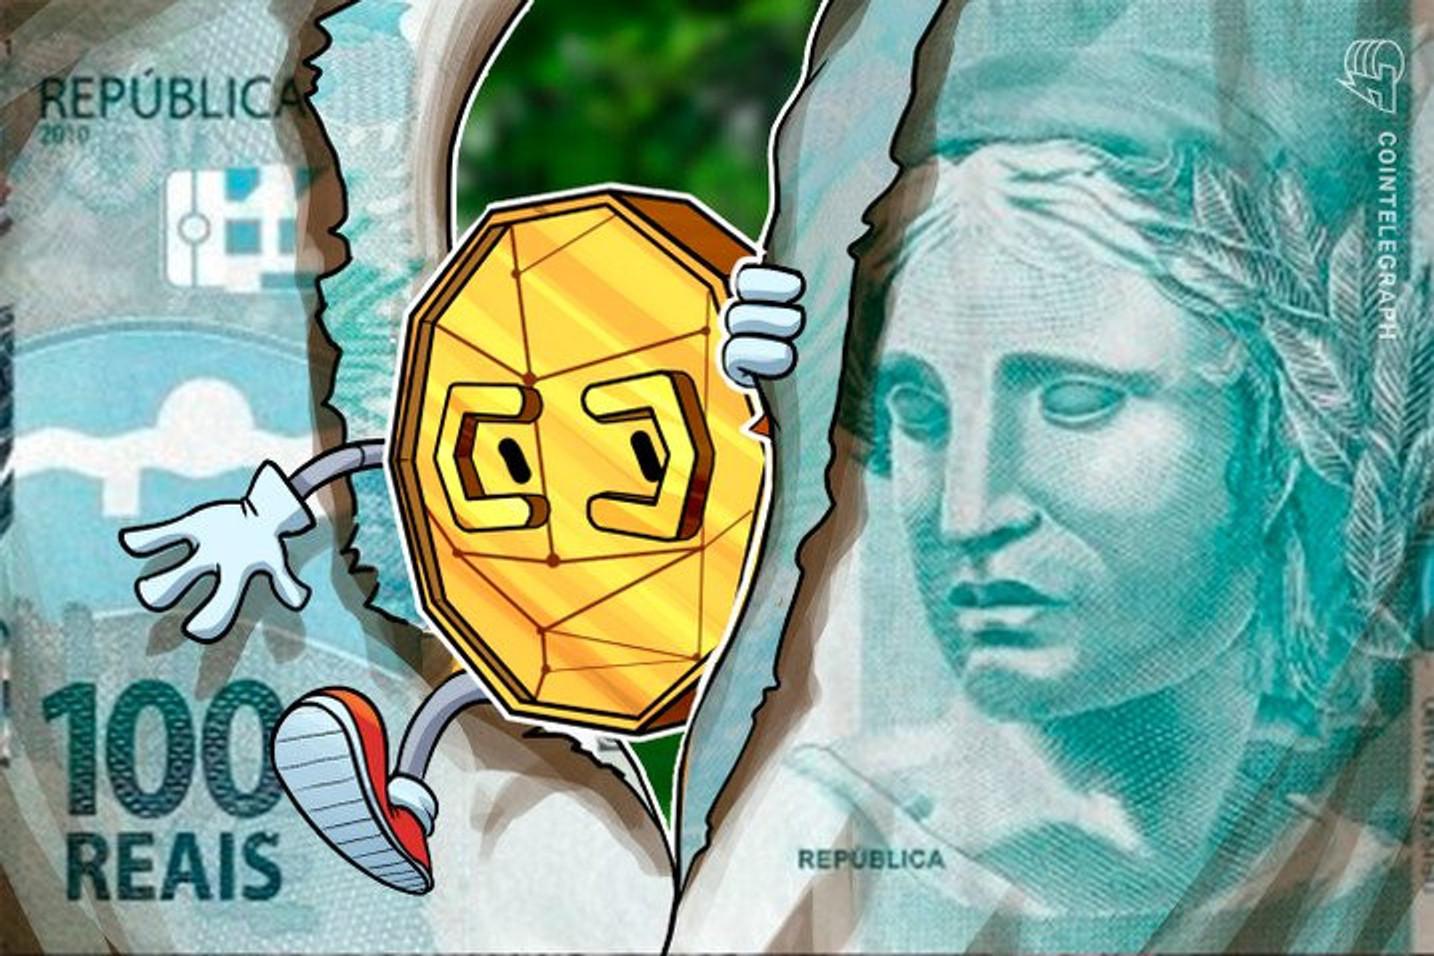 Stablecoin pareada no real permite ganhar renda passiva com saldo em exchange